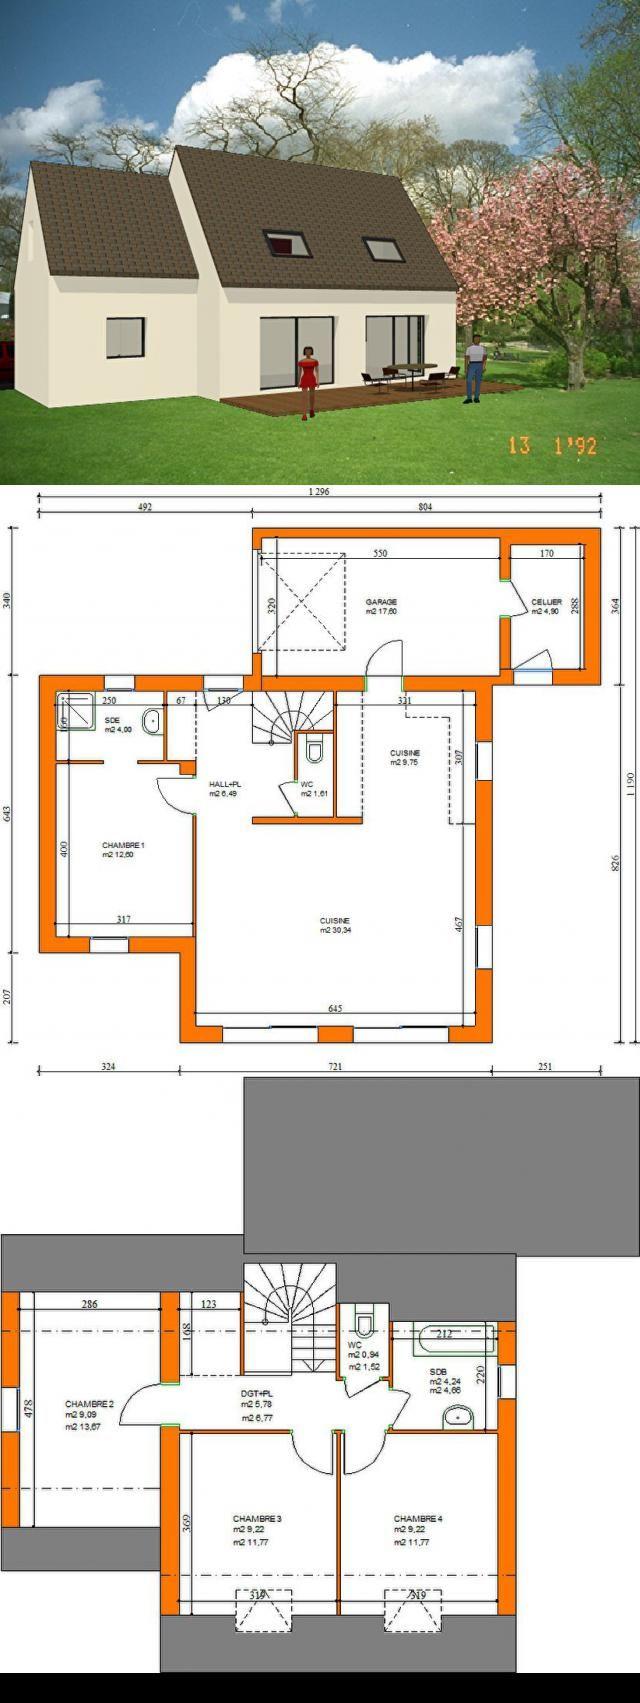 Maison neuve prix le prix du m du0027une maison neuve for Prix du m2 maison neuve